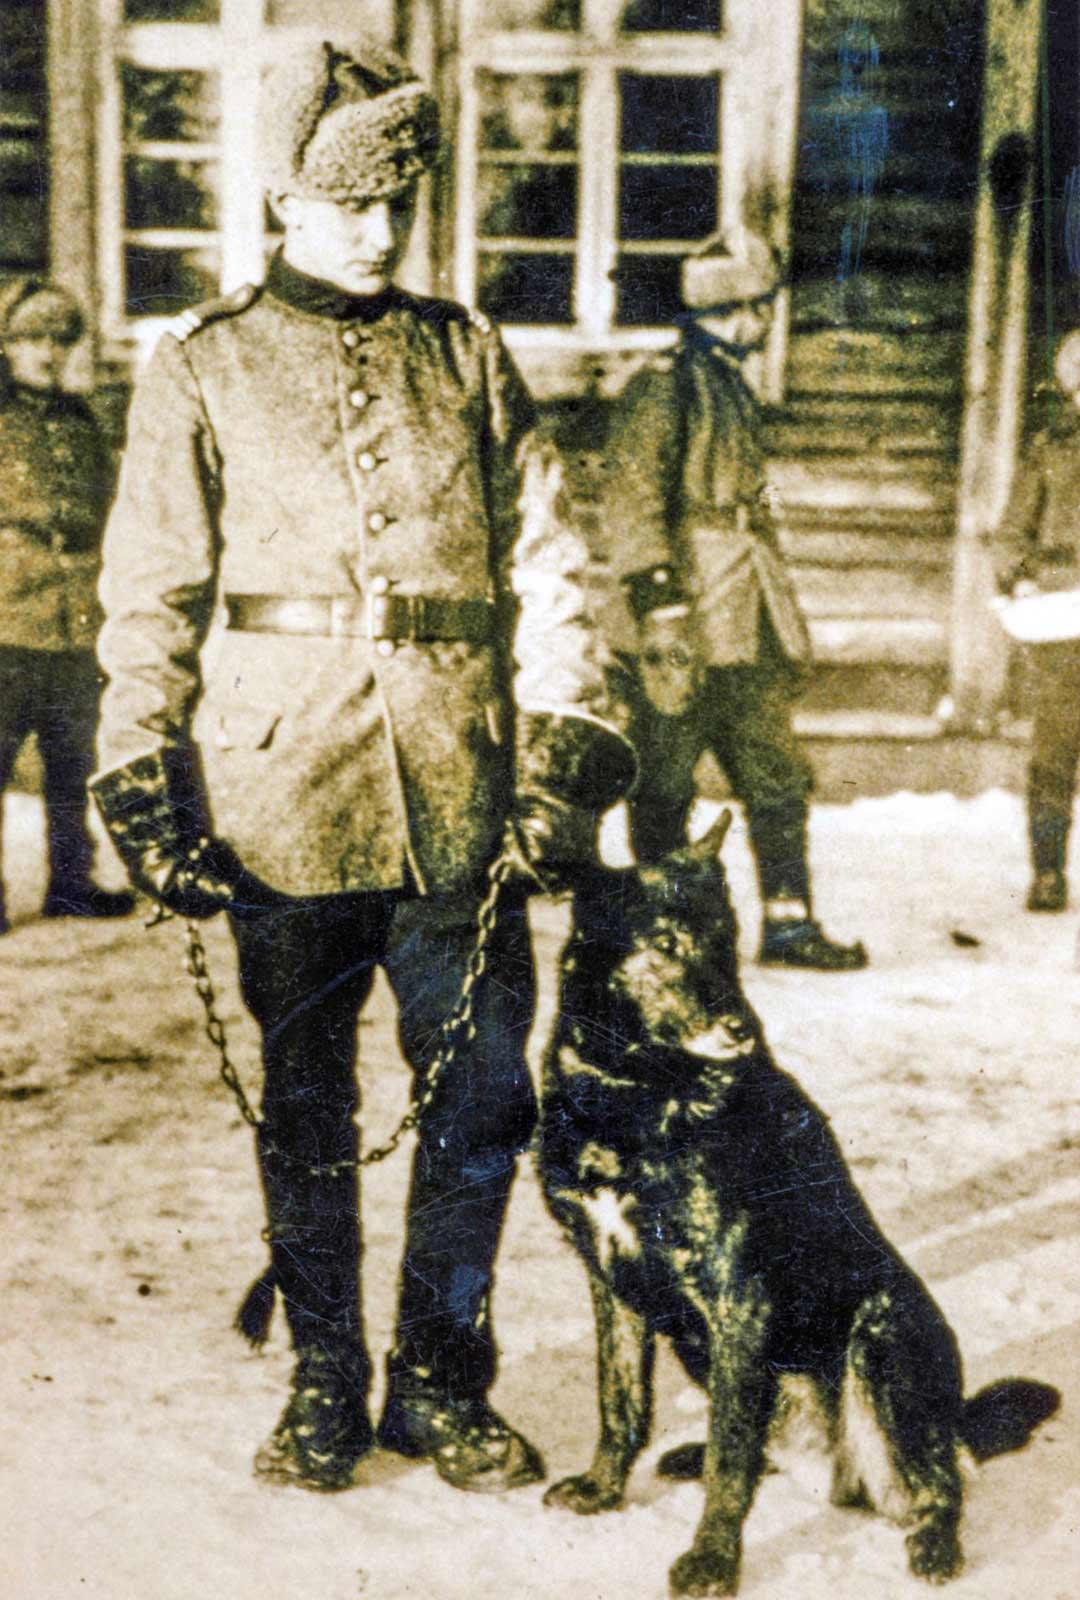 Viimeinen kuva Caesarista ohjaajansa Konrad Rantalan kanssa Sallassa 1929. Taustalla oikealla olevalla rajamiehellä on pesuvadissa koiralle varattua myrkkyä.